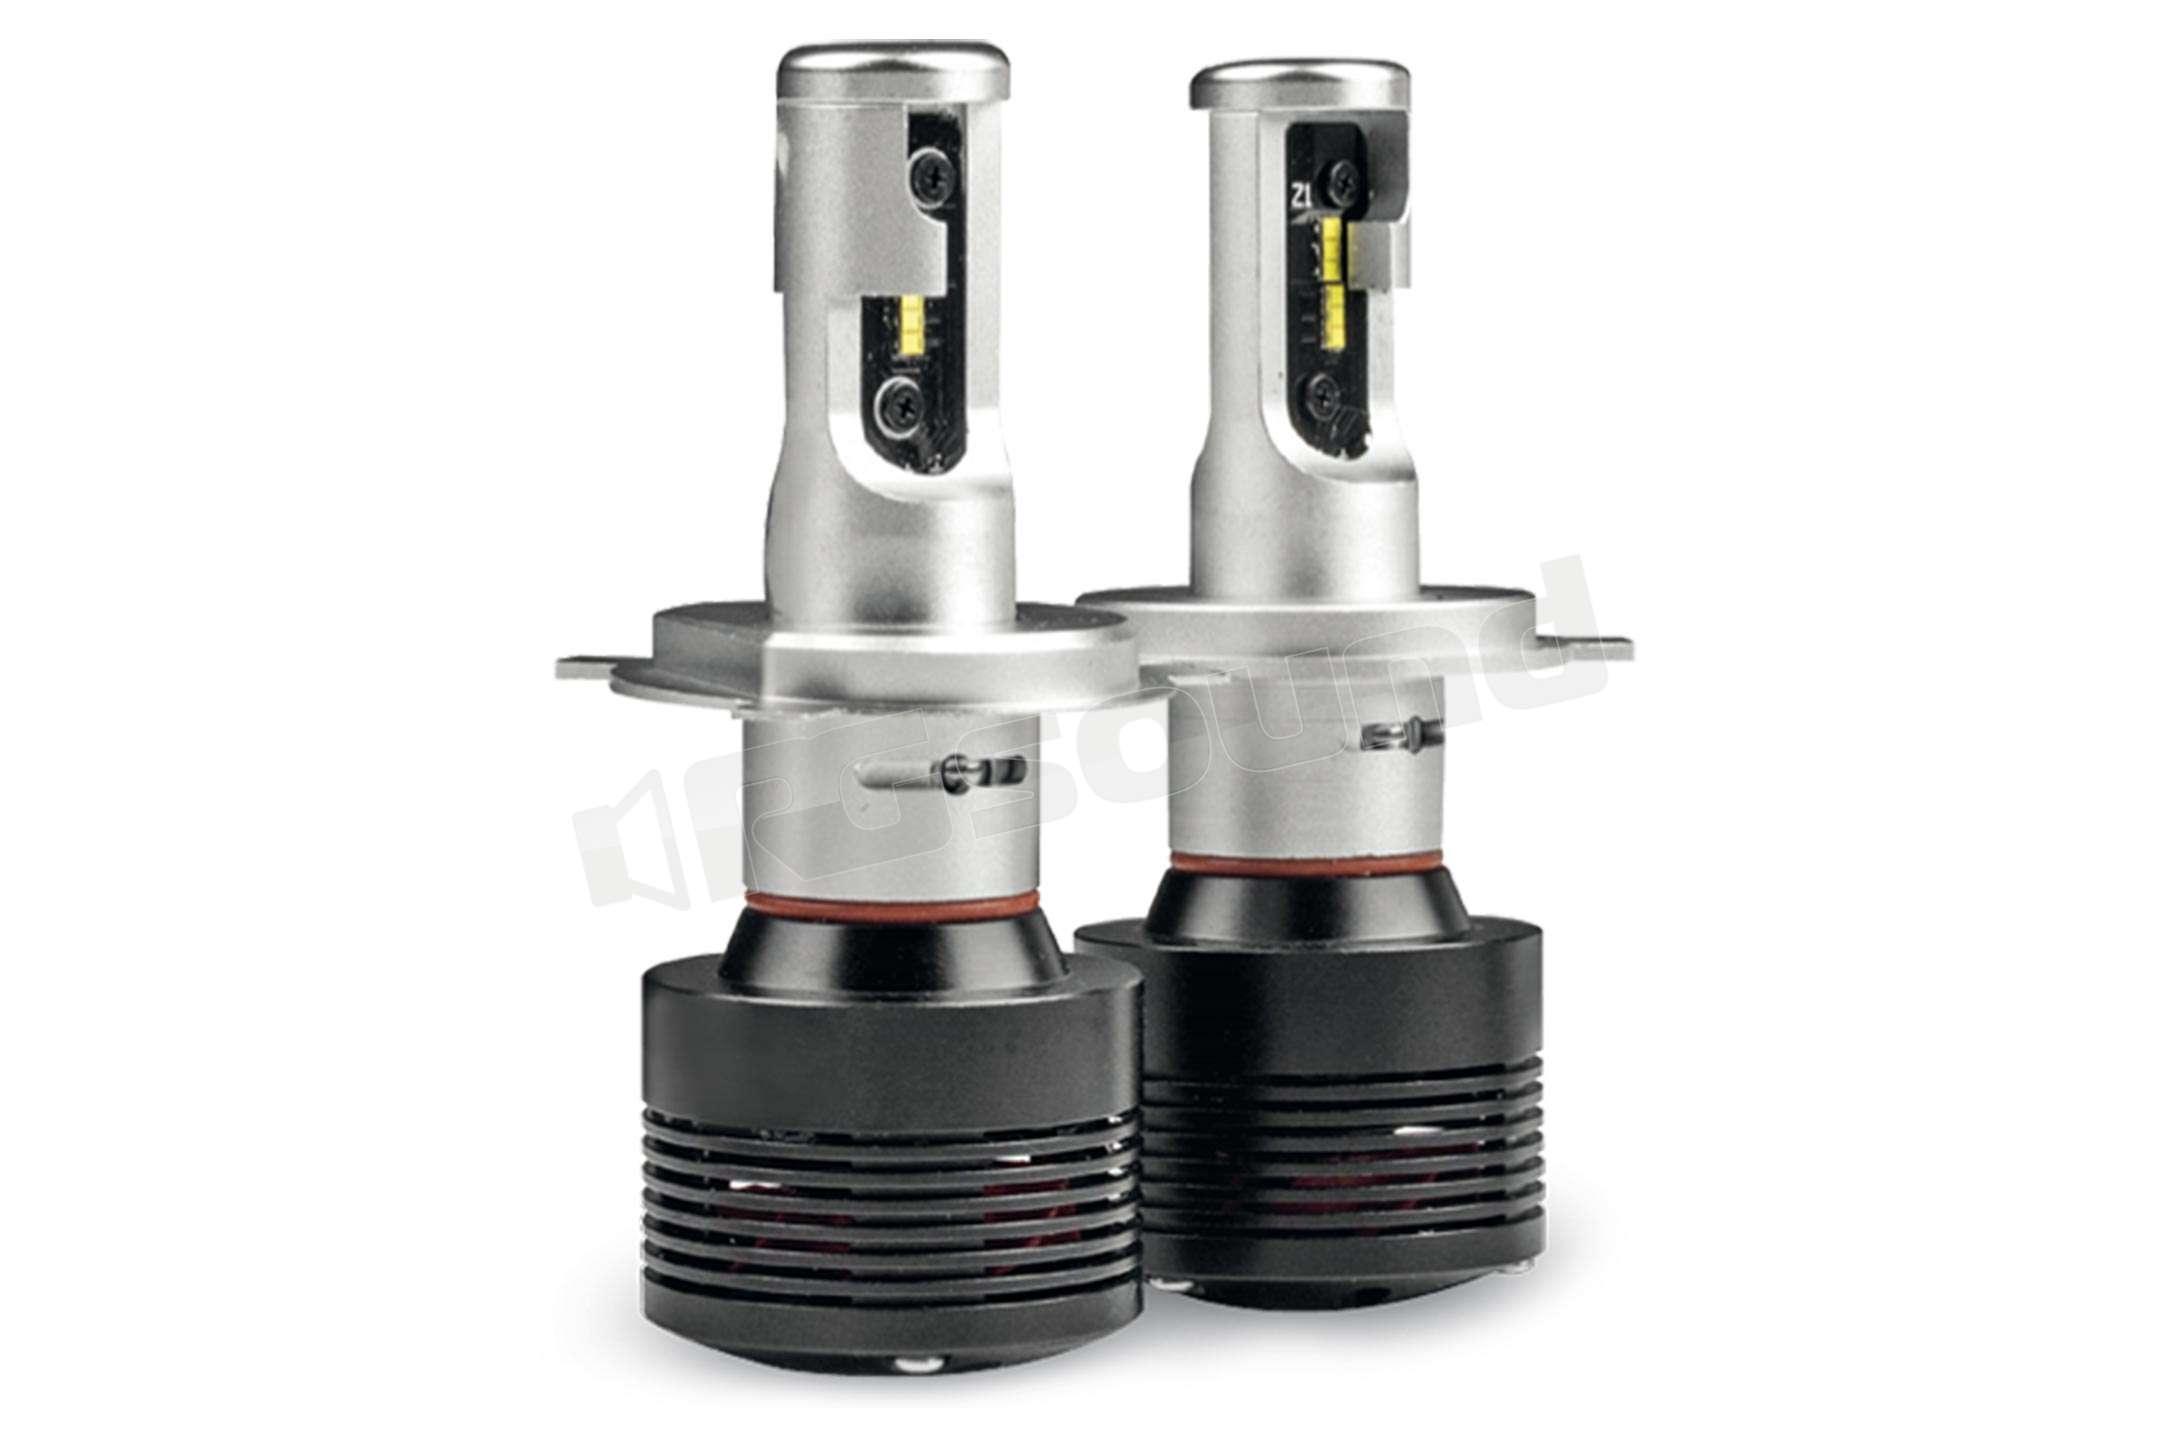 Phonocar 07502 lampadine led h4 illuminazione kit fari for Lampadine led miglior prezzo